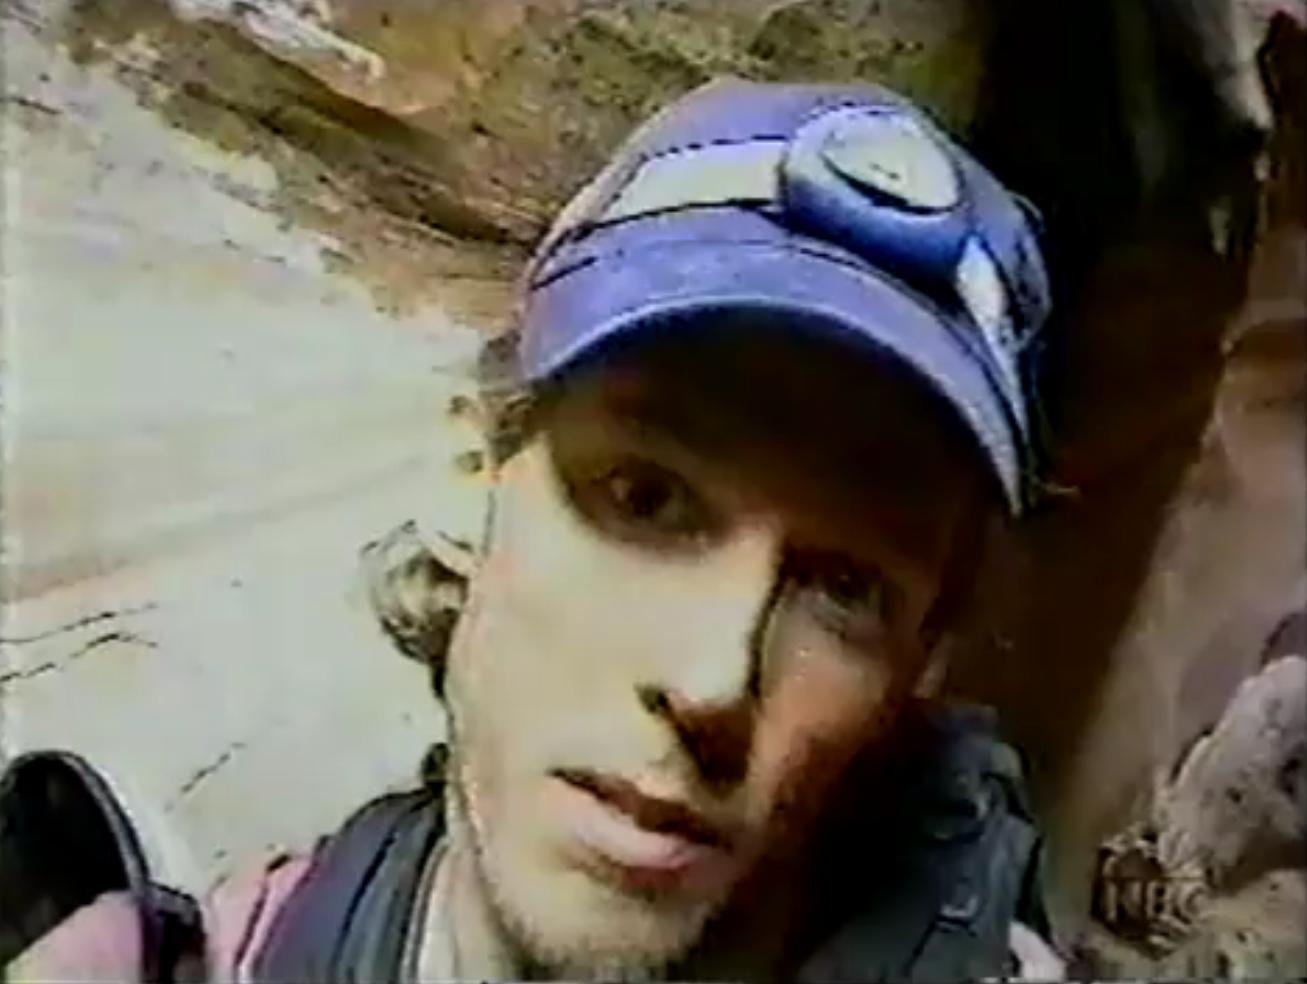 http://2.bp.blogspot.com/-rjeOJOWkz64/TalvEPqpdfI/AAAAAAAAABw/C73qzbuYjfk/s1600/Aaron+Ralston.jpg